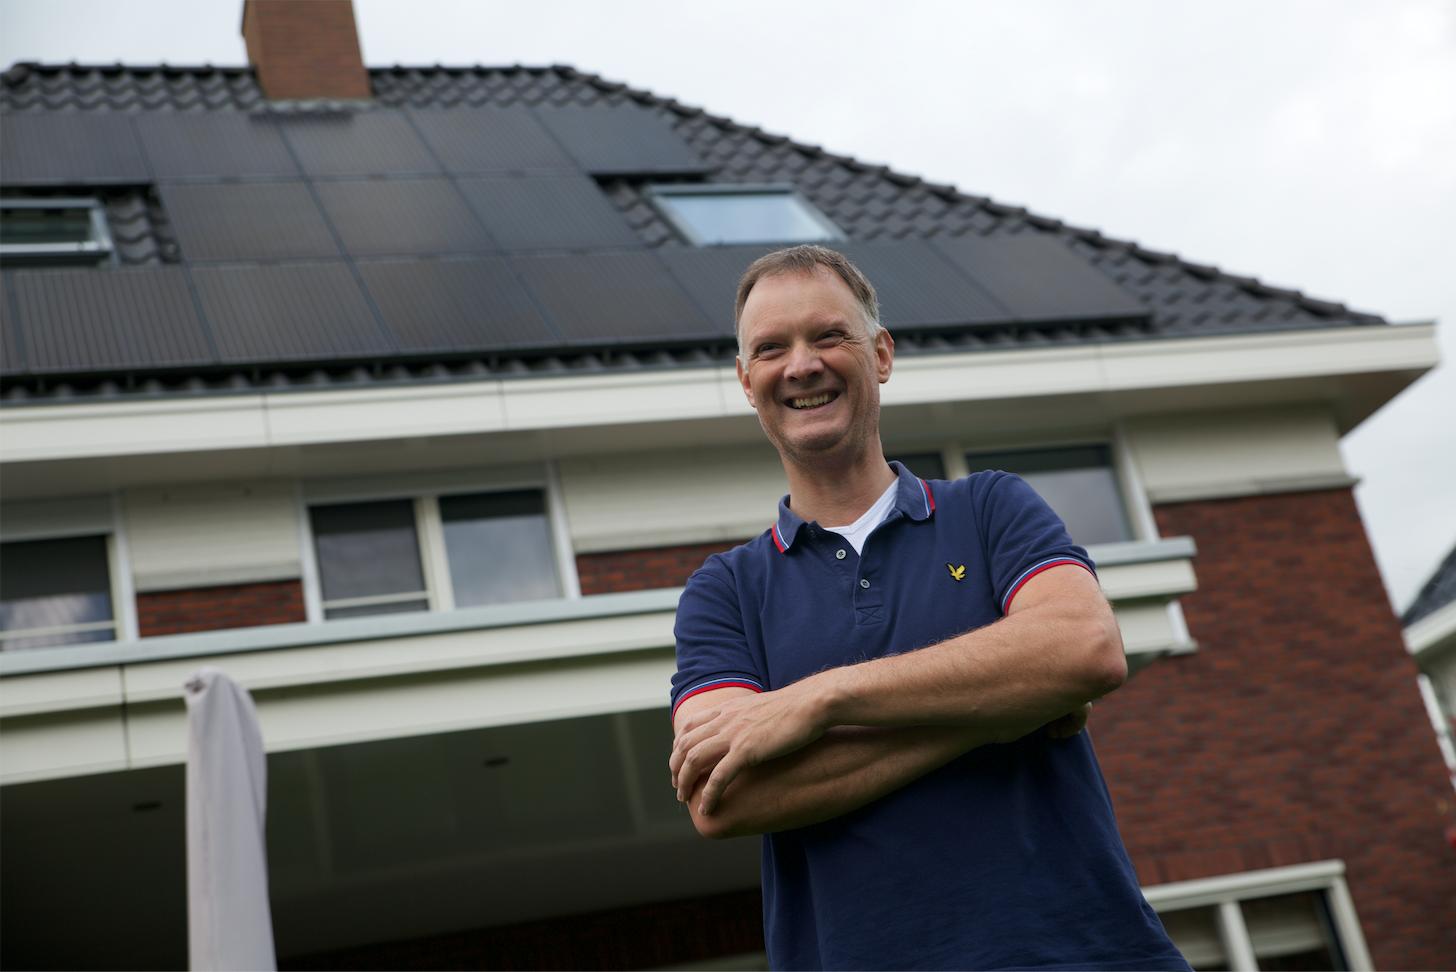 Michel voor zijn woning met zonnepanelen op het dak